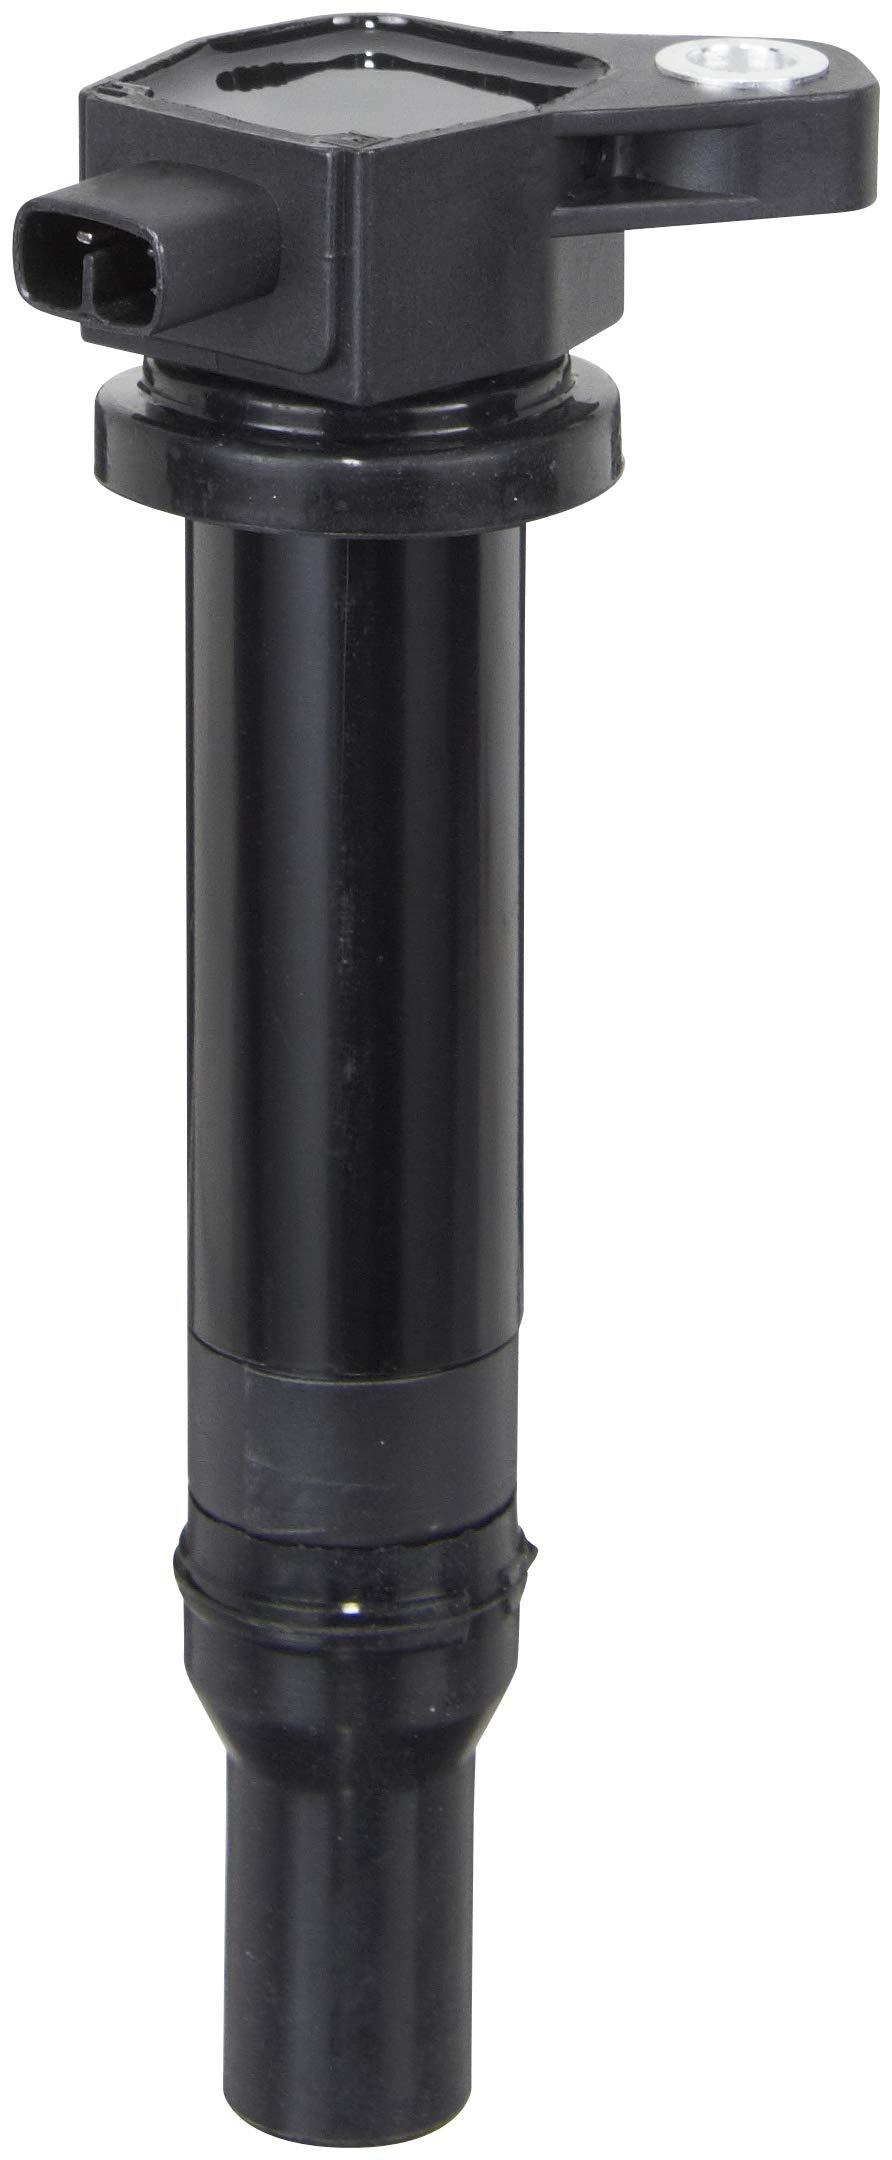 Spectra Premium C-691 Coil on Plug by Spectra Premium